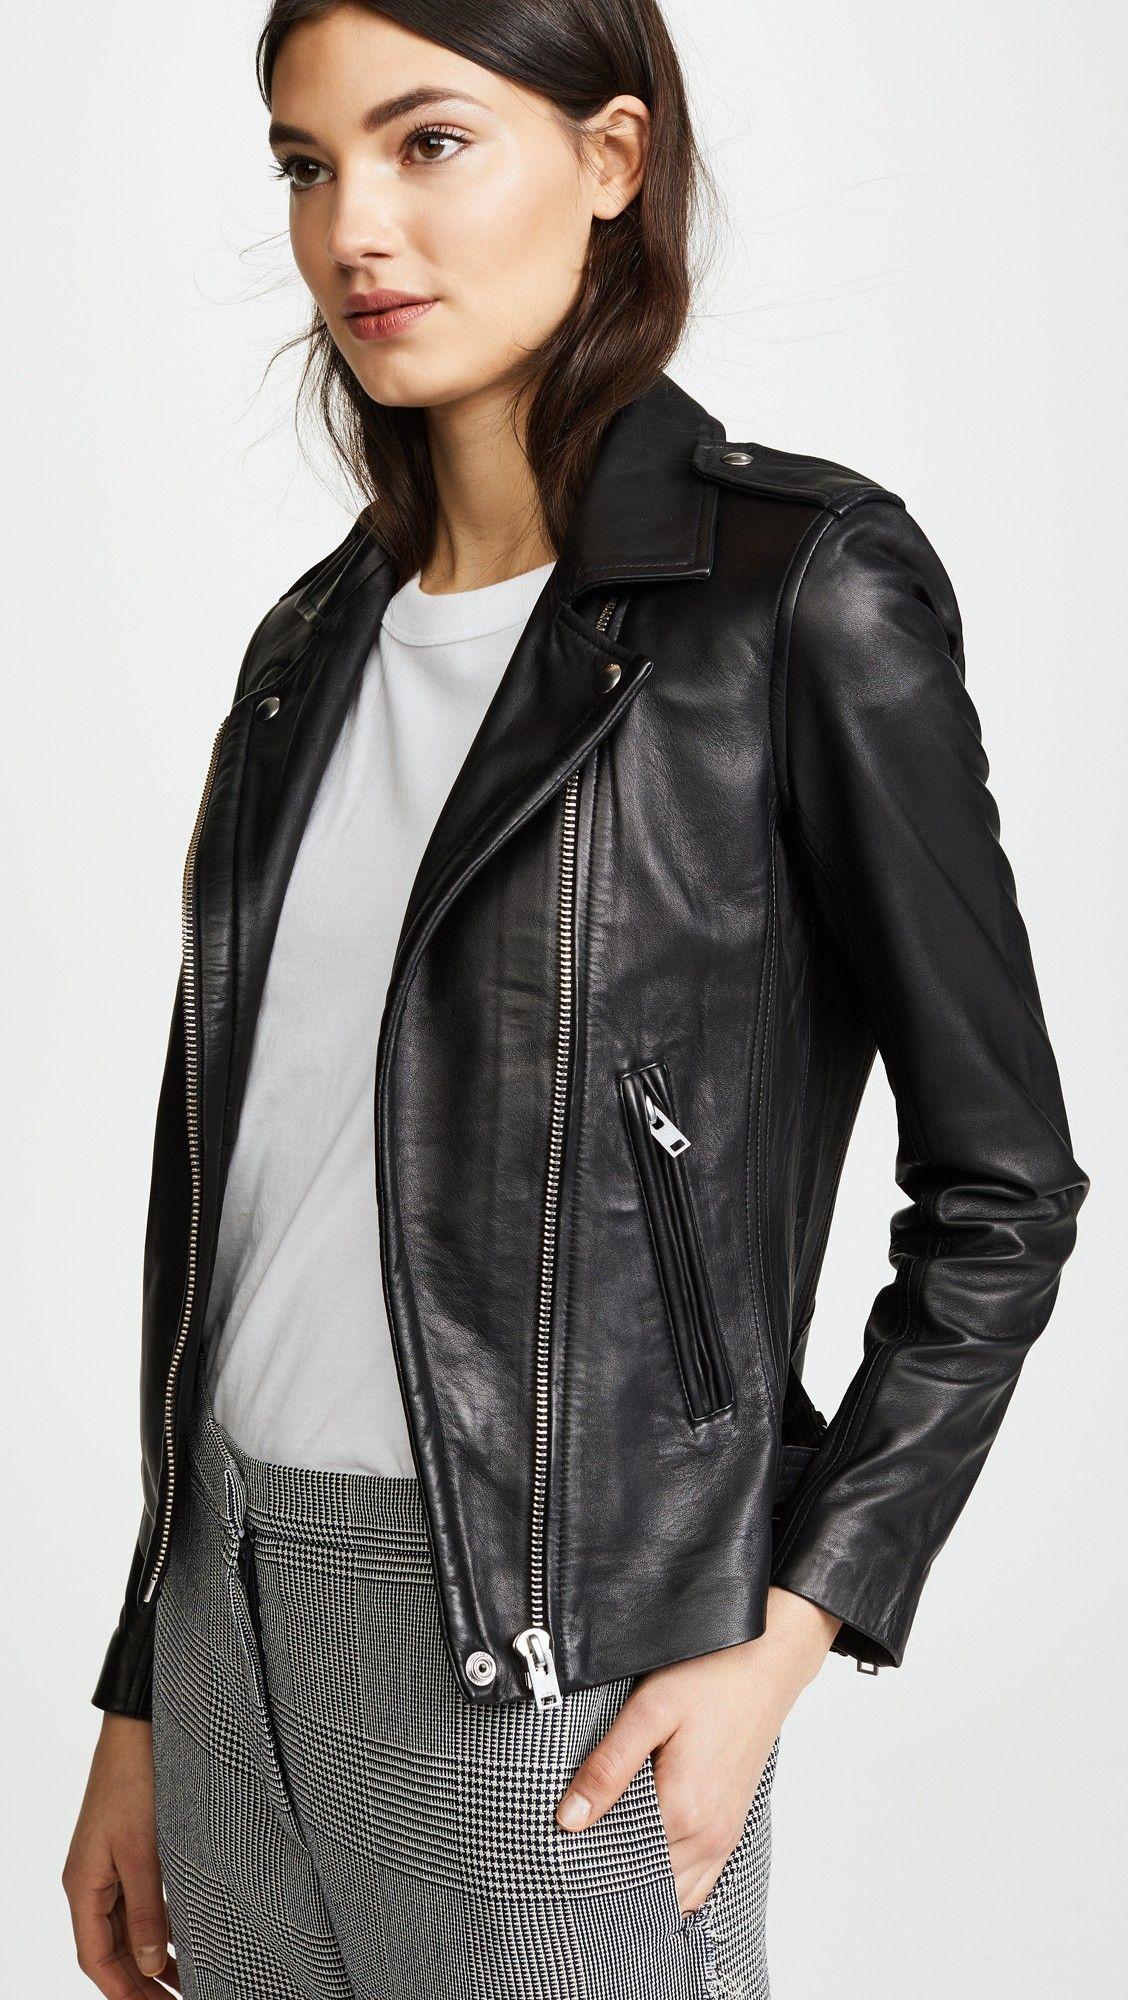 Iro Han Leather Jacket In 2020 Leather Jacket Jackets China Fashion [ 2000 x 1128 Pixel ]